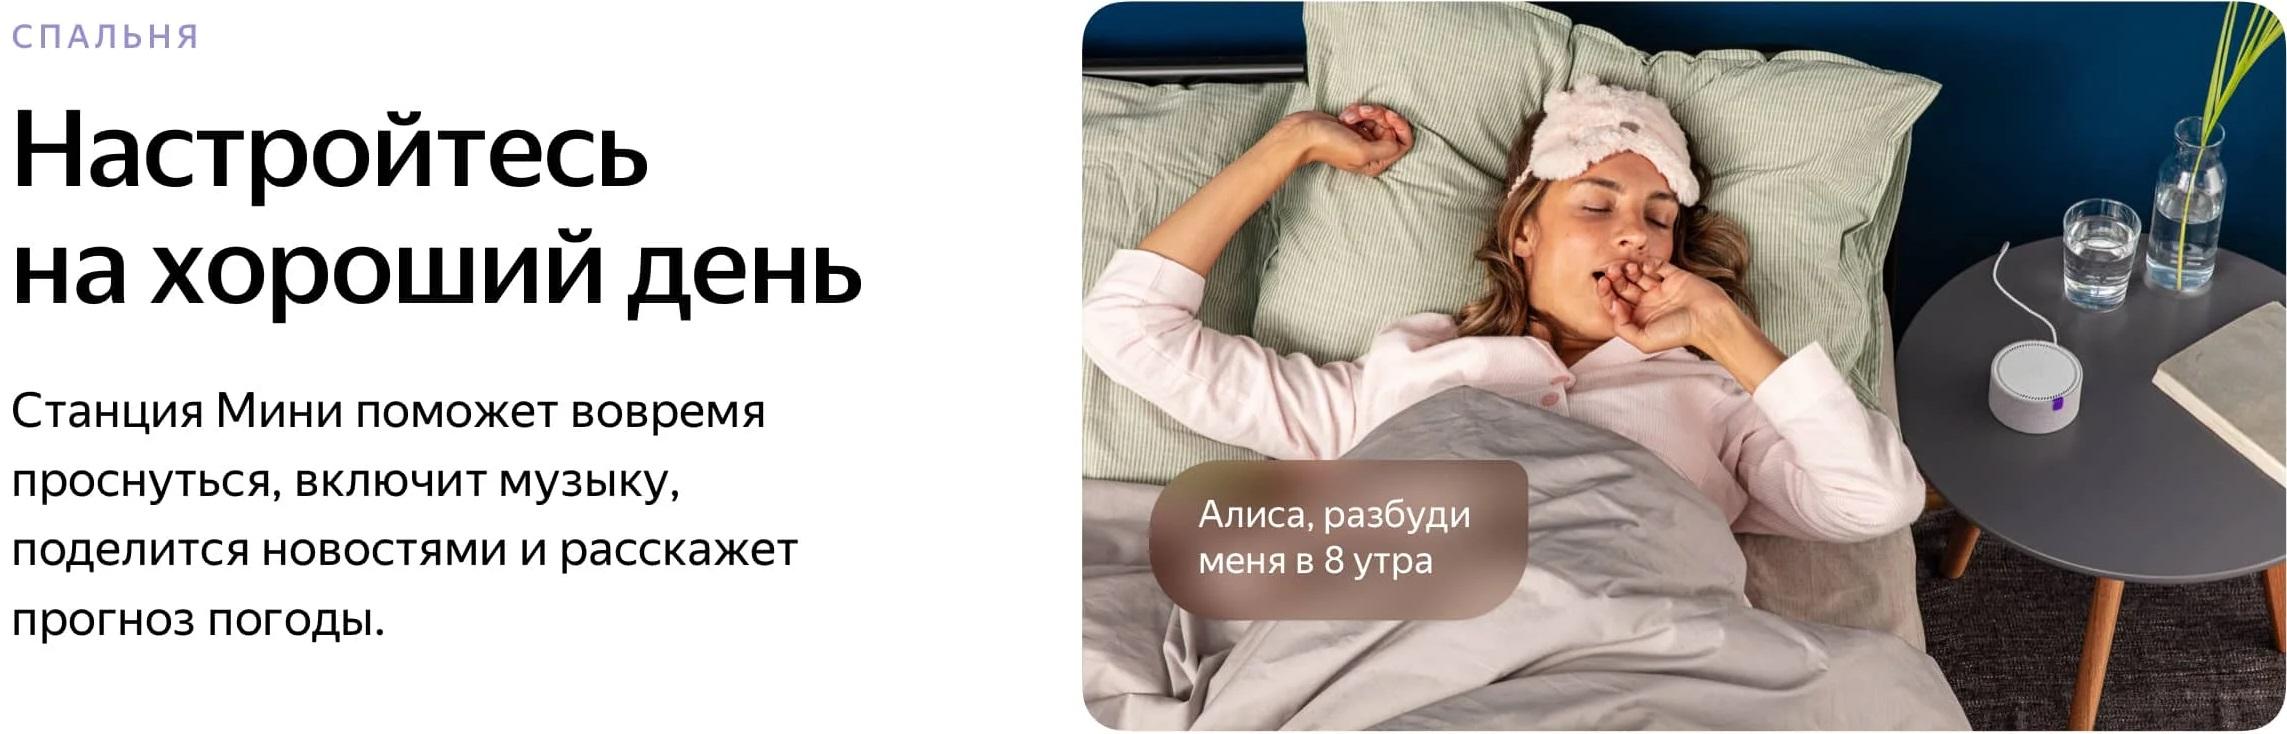 Умная колонка Яндекс Станция Мини с Алисой (черный)